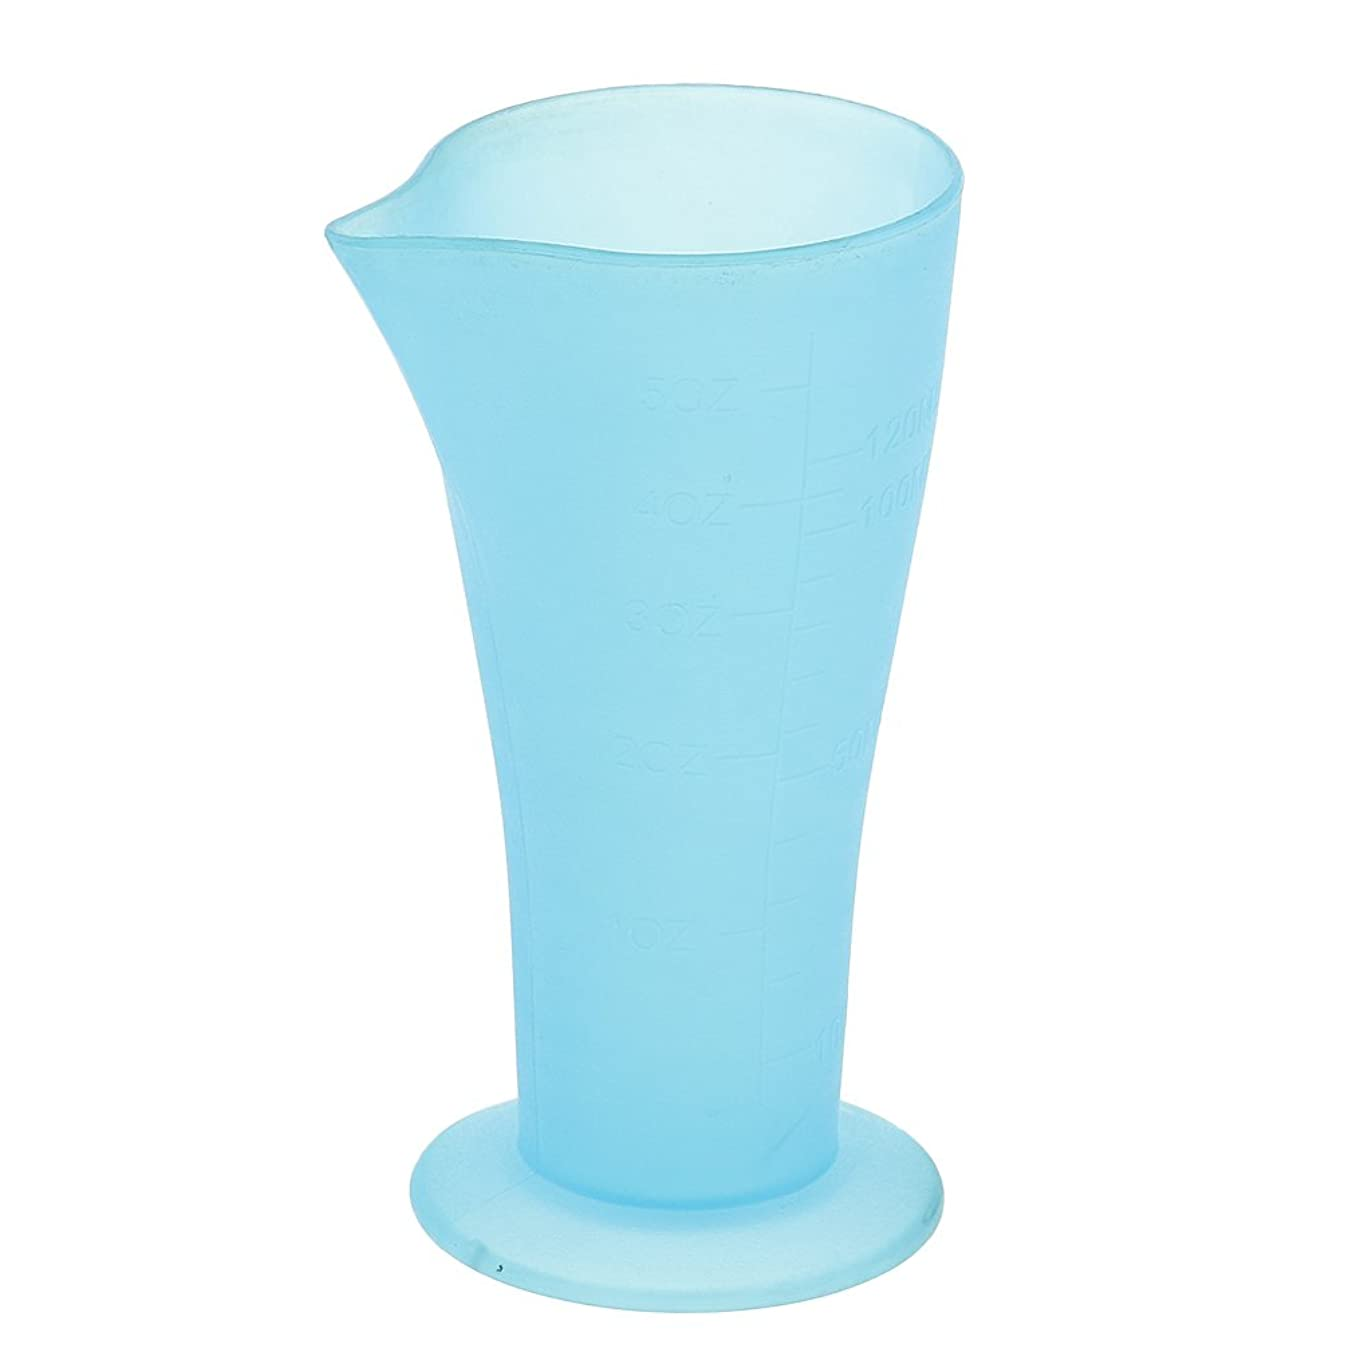 気質アルファベット見かけ上Baosity 計量カップ ヘアダイカップ プラスチック サロン 髪の色合い 色の混合用 読みやすい測定 再使用可能